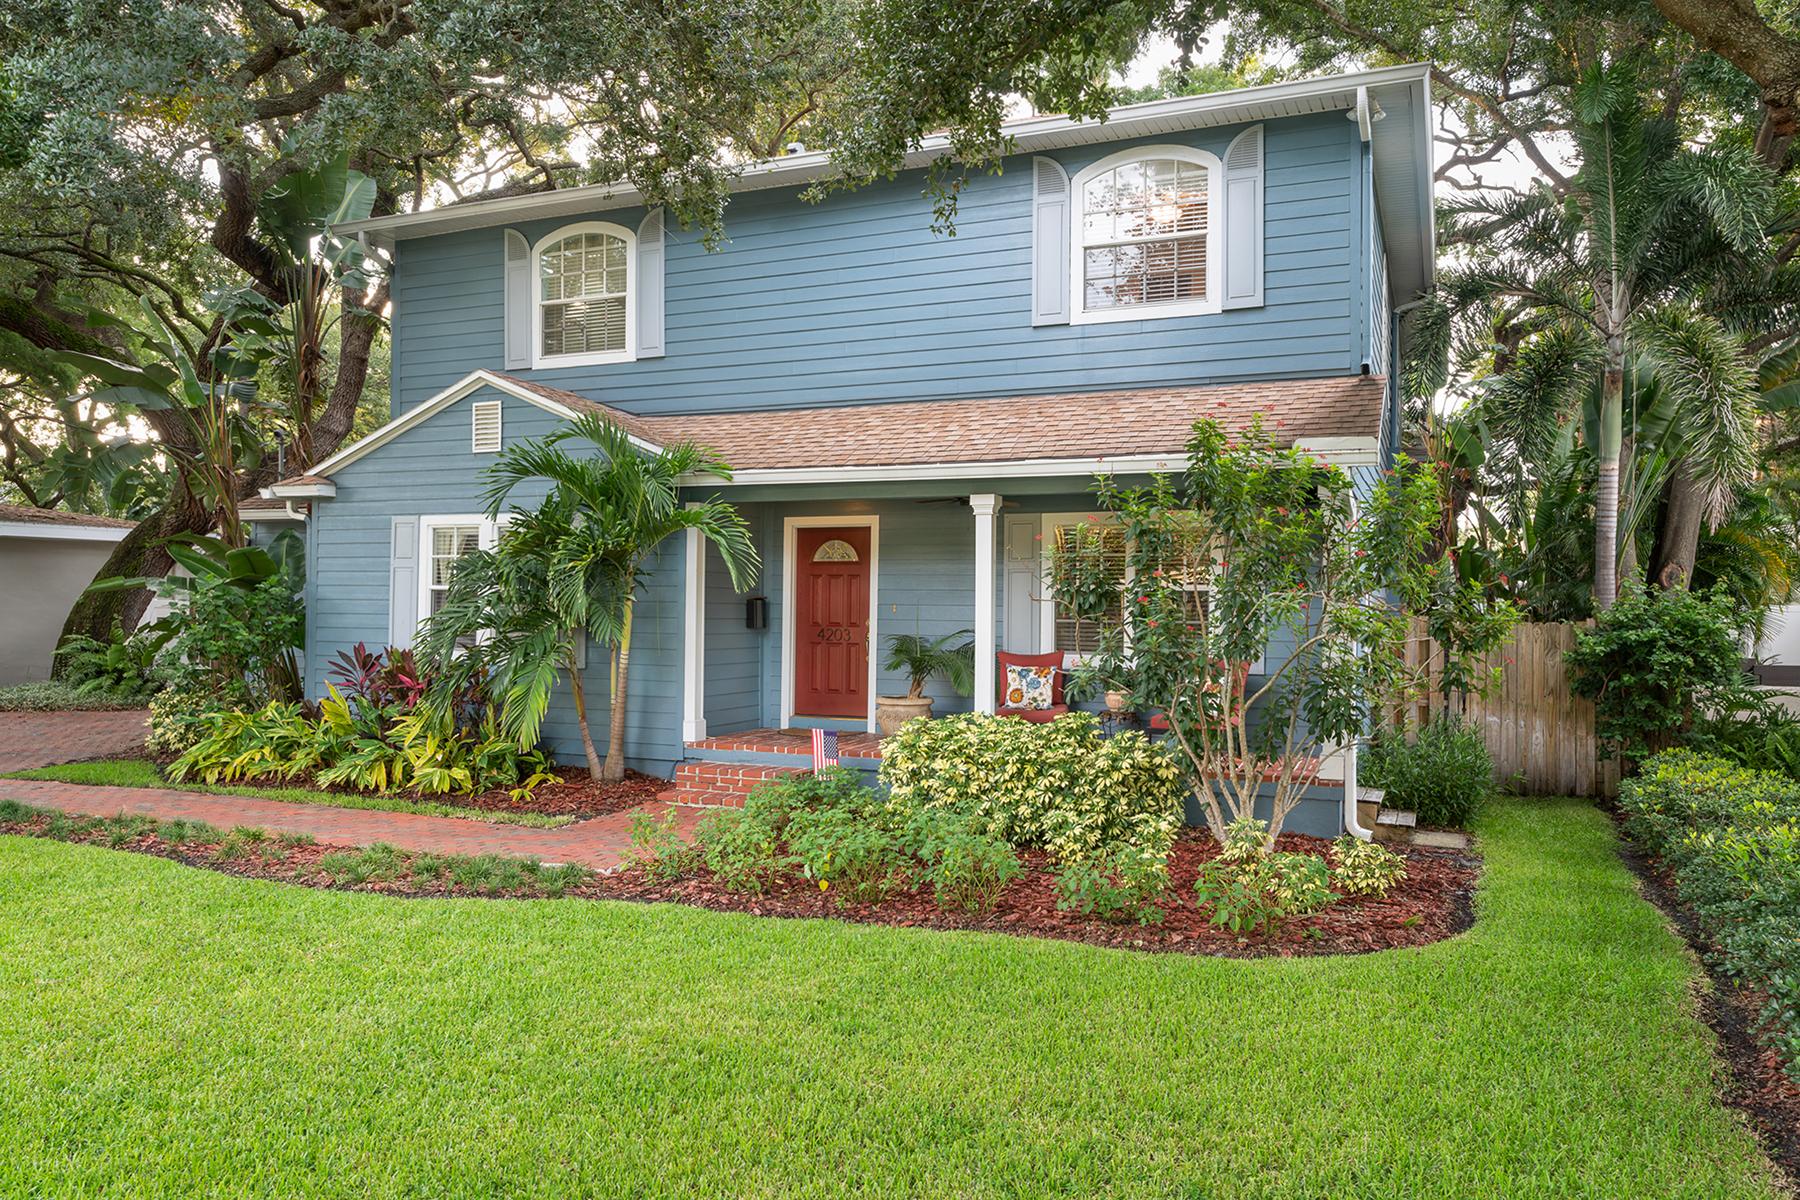 Single Family Homes für Verkauf beim 4203 OBISPO 4203 W Obispo St, Tampa, Florida 33629 Vereinigte Staaten